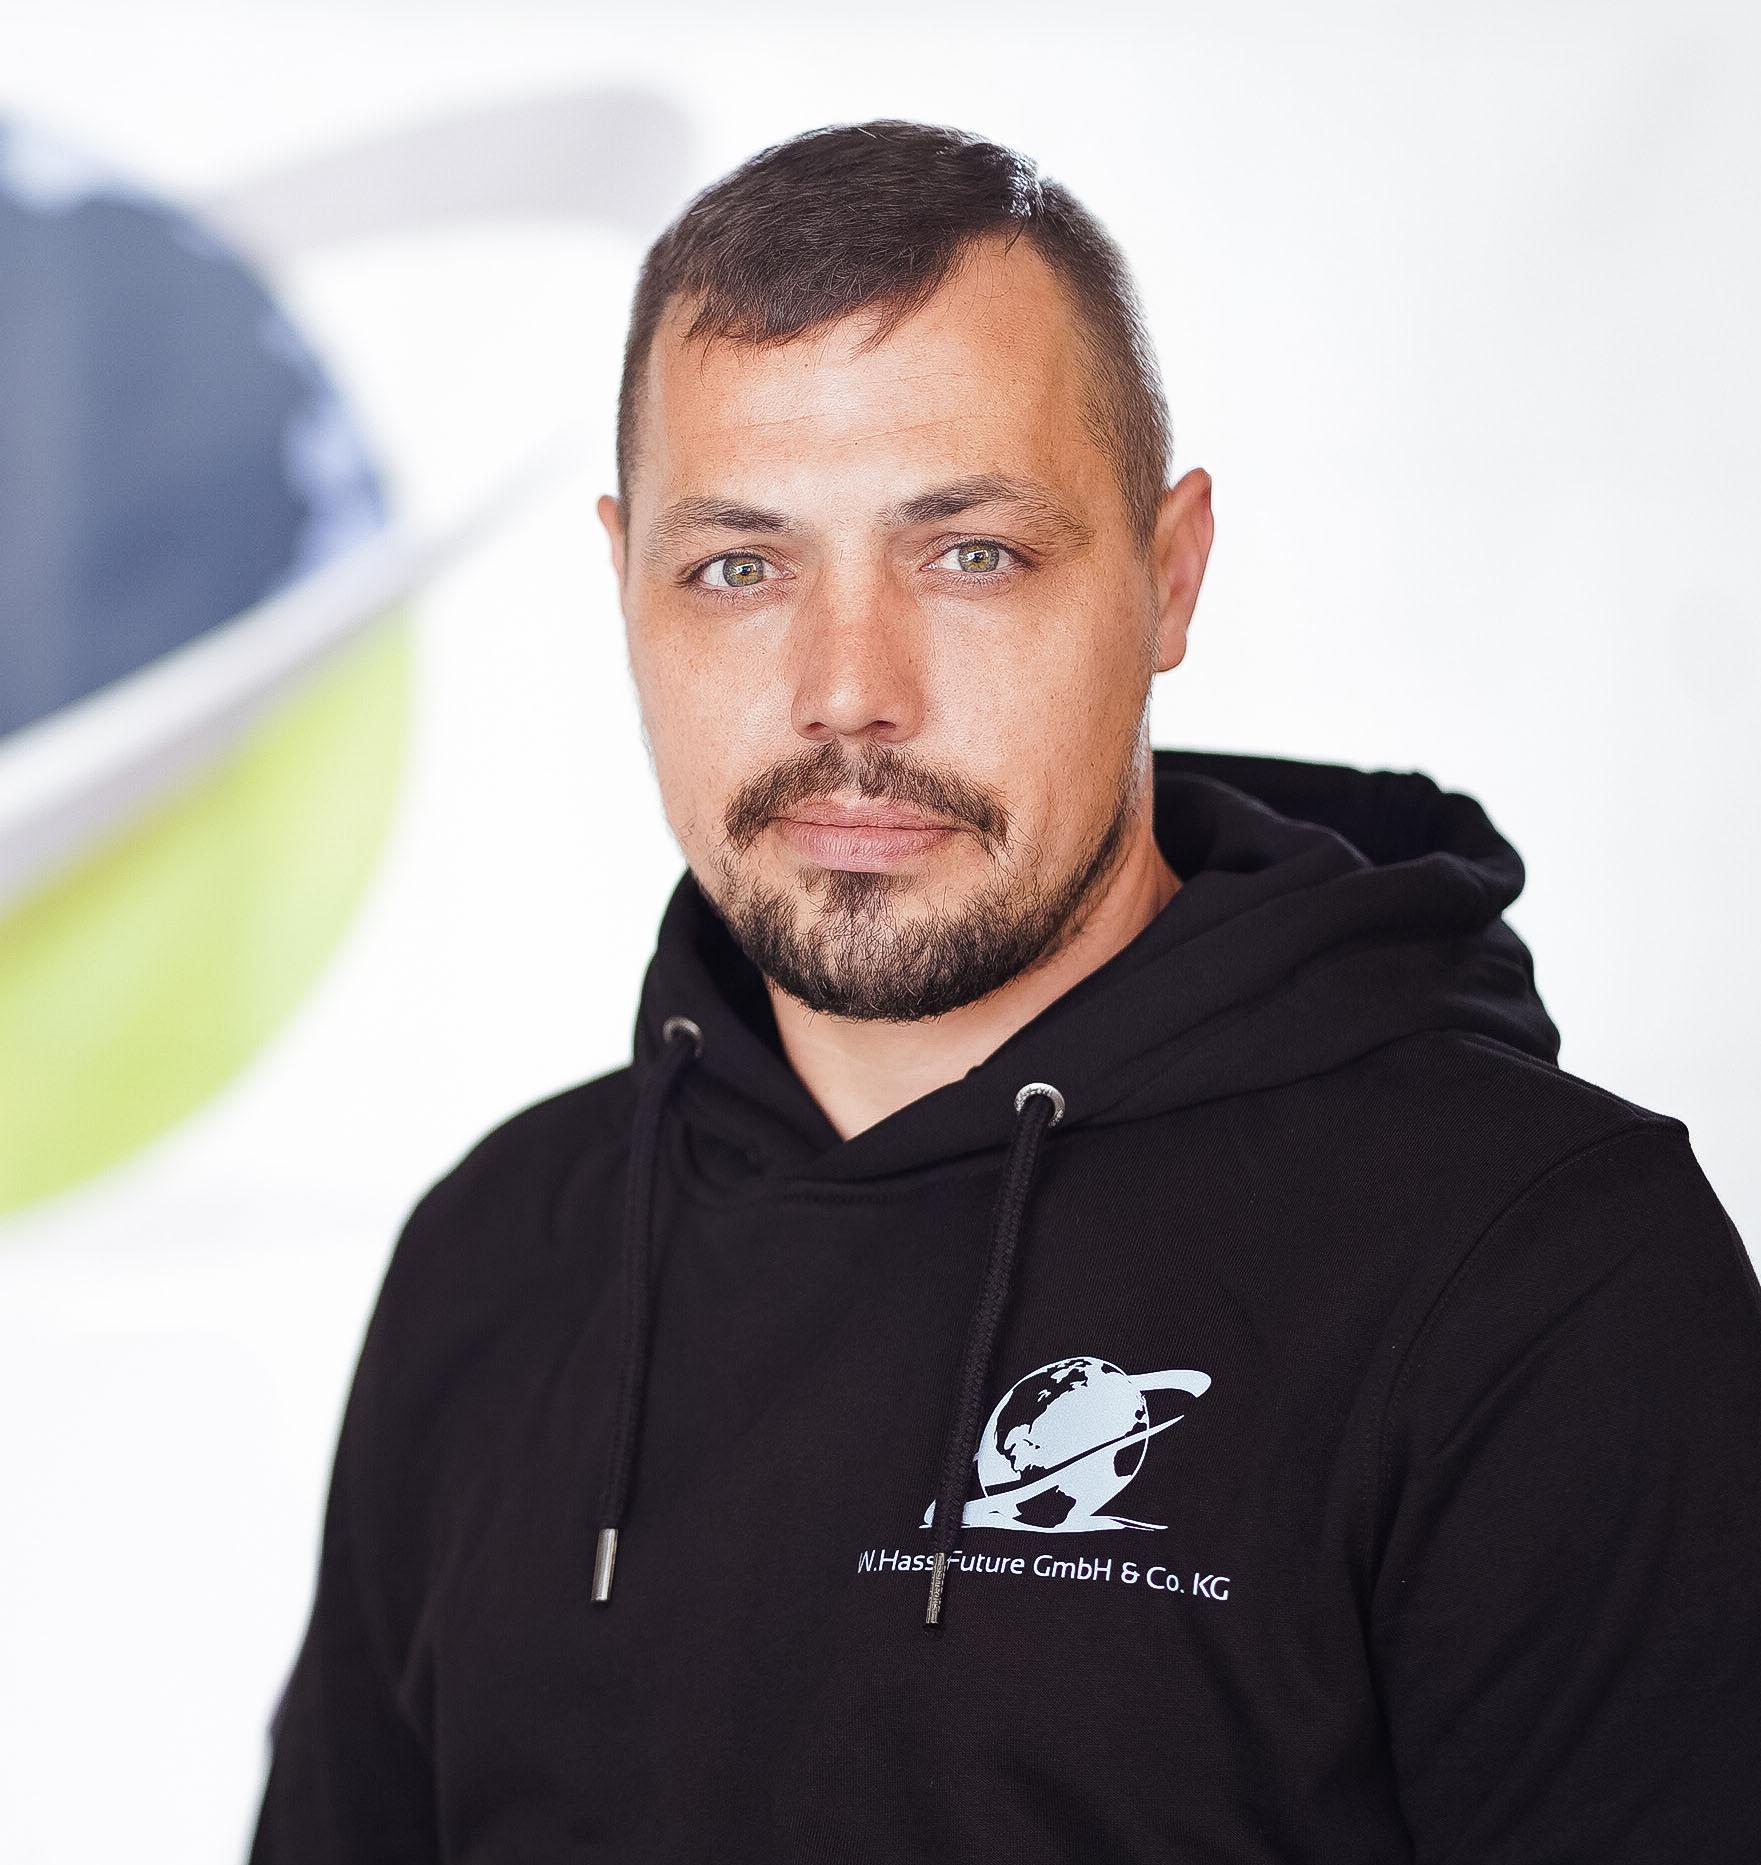 Andreas-Karsten-Construction-Manager_02.jpg